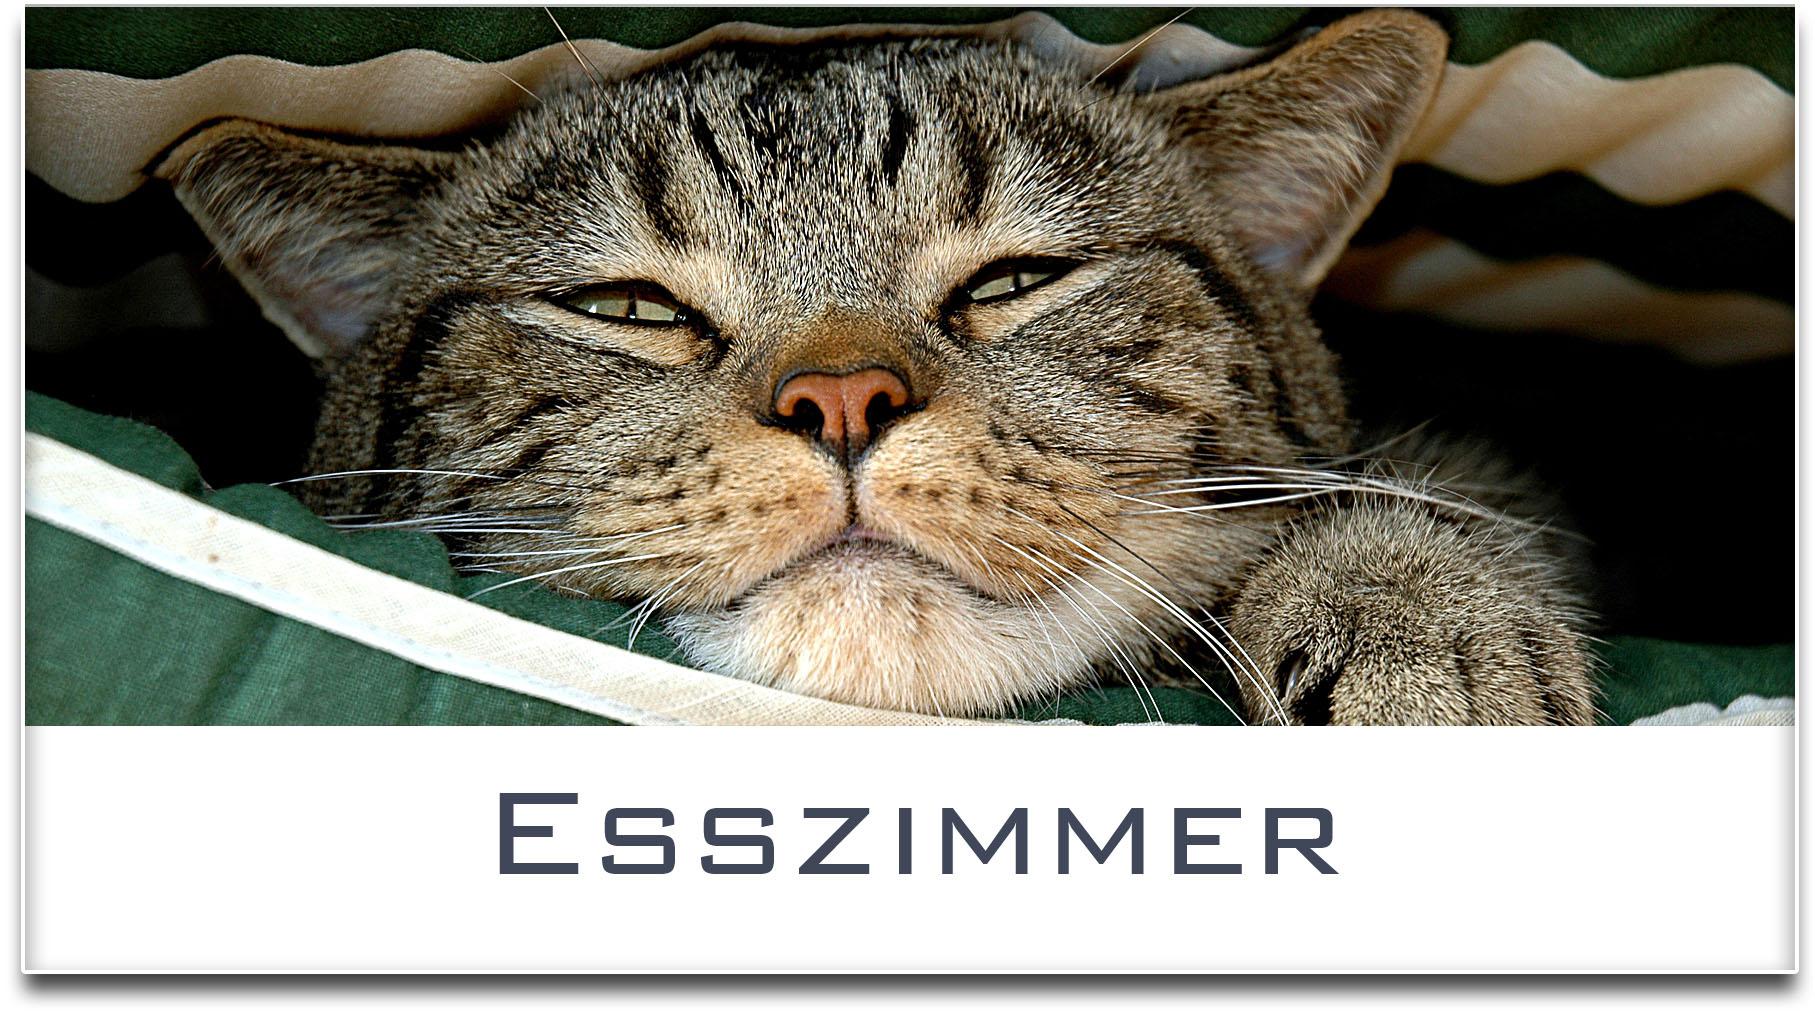 Türschild / Haustürschild / Katze / Esszimmer / Selbstklebend